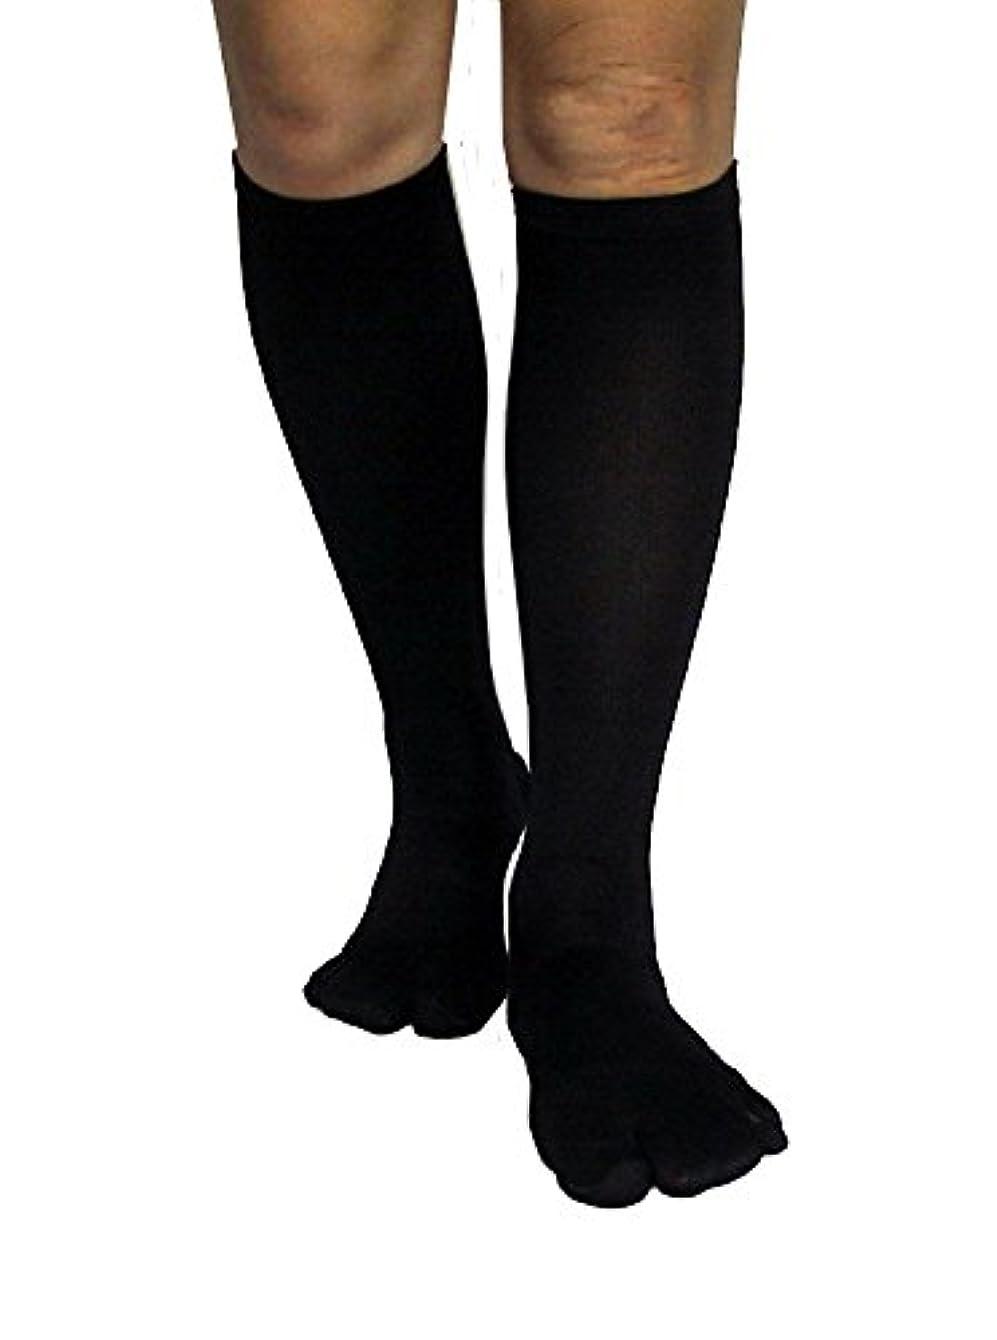 じゃがいも著者遺伝的カサハラ式歩行矯正ロングテーピング靴下(3本指タイプ)「黒24-26」